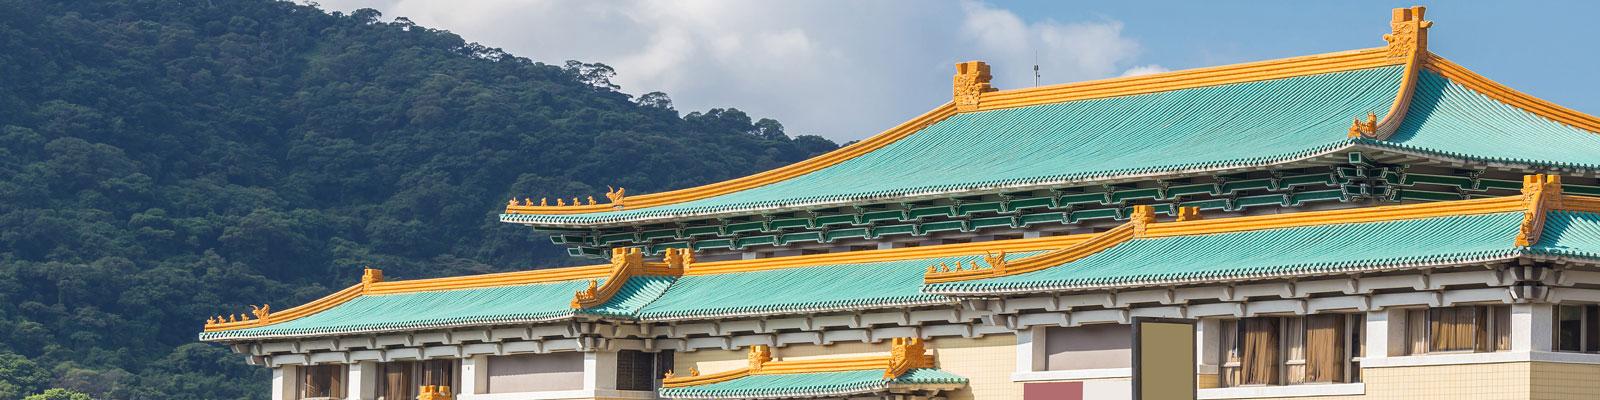 Taiwan Vegan Travel Guide